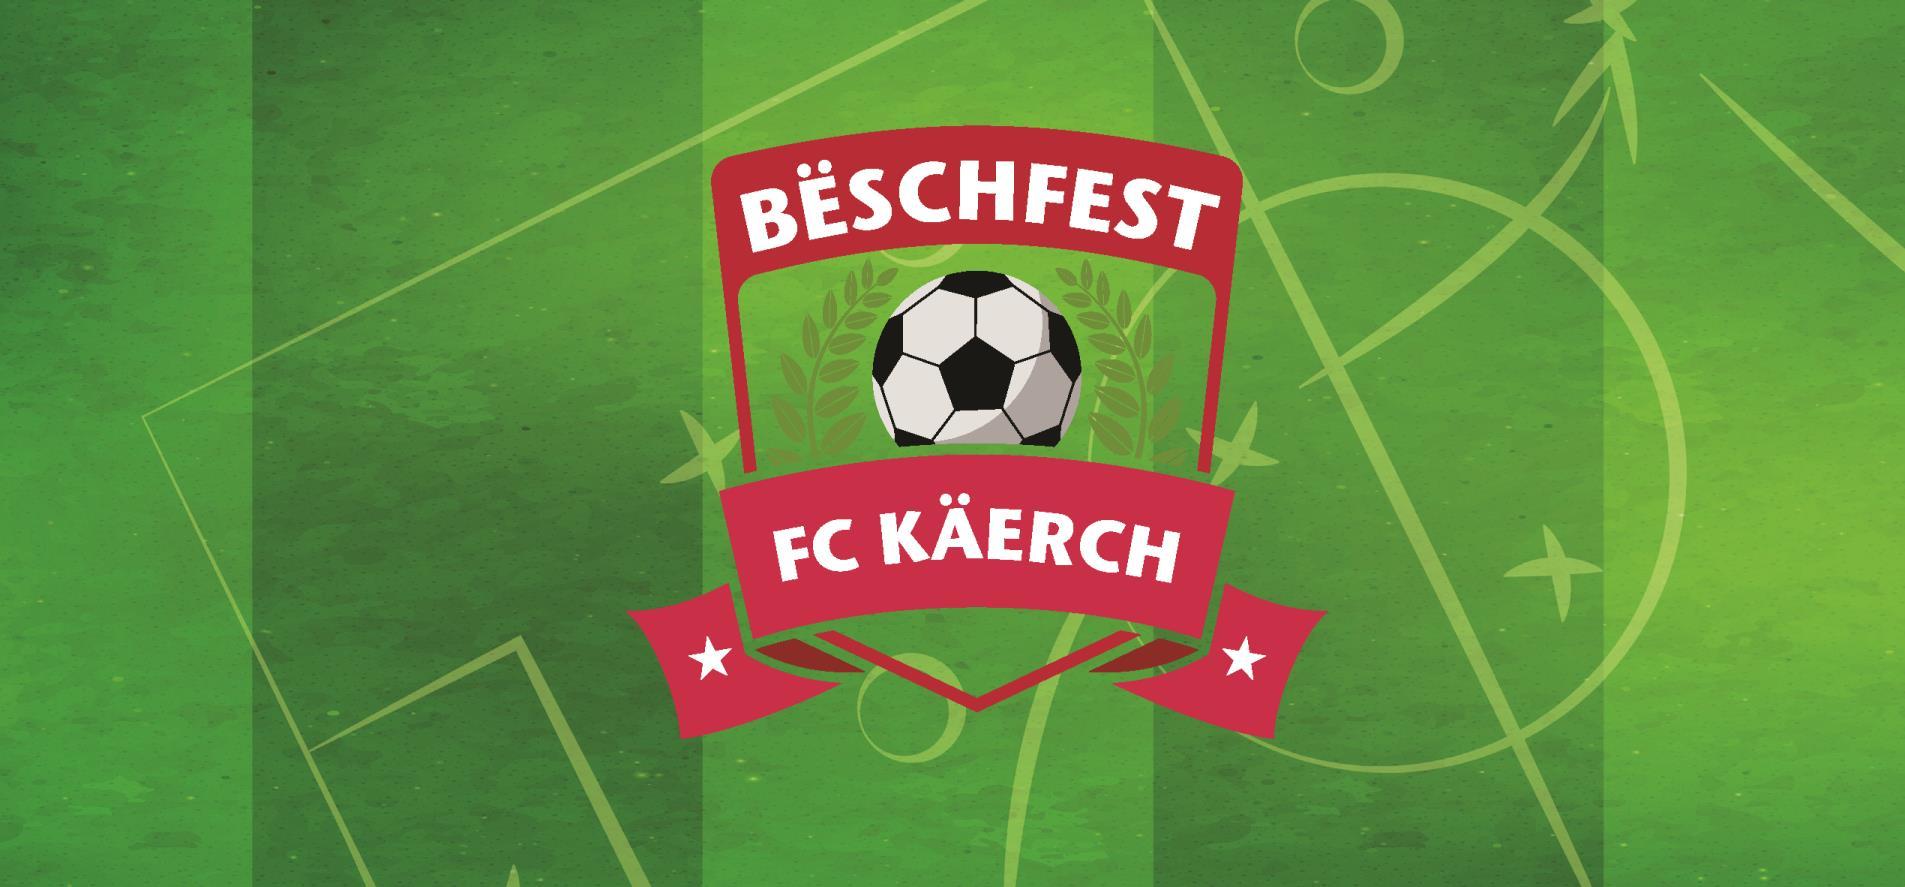 Bëschfest